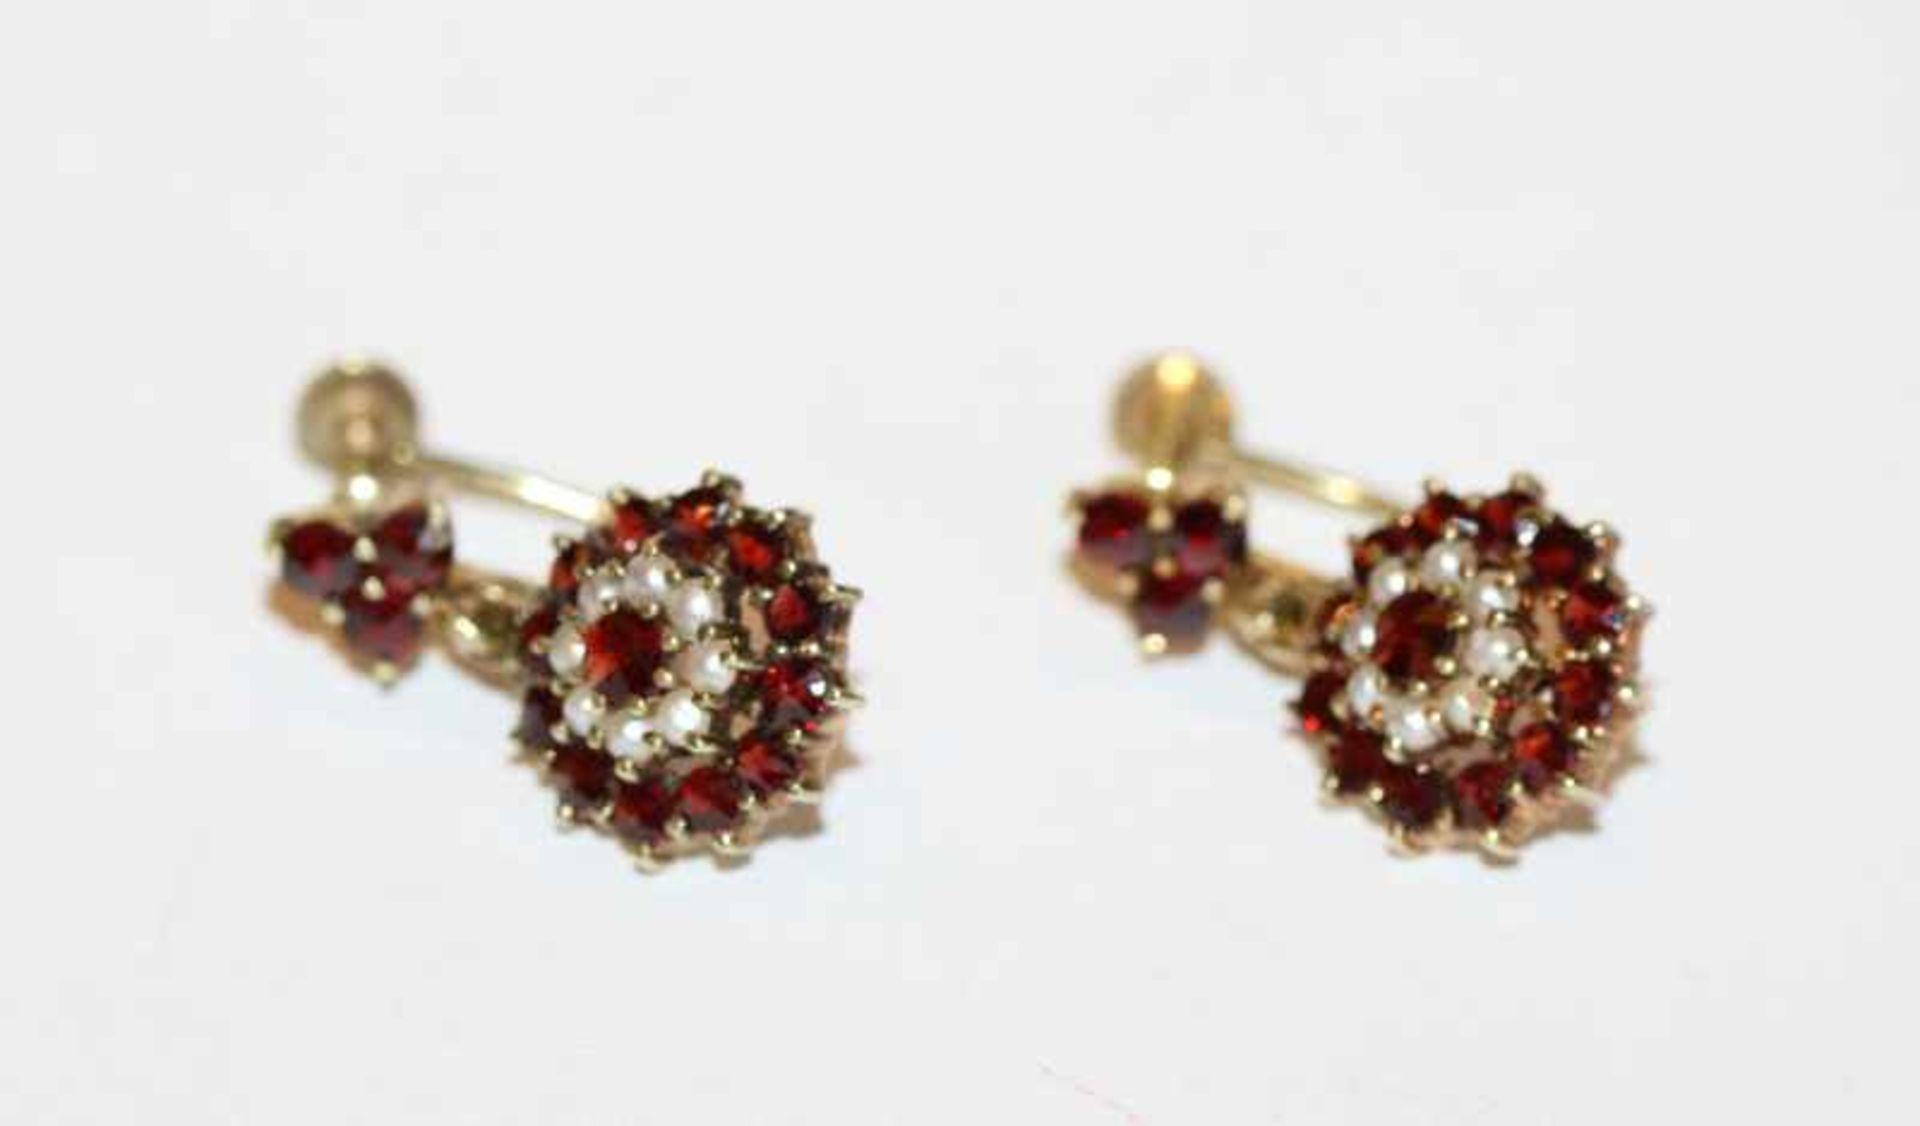 Los 16 - Paar 14 k Gelbgold Ohrhänger zum Schrauben mit Granaten und Perlchen, 5,4 gr., L 2 cm